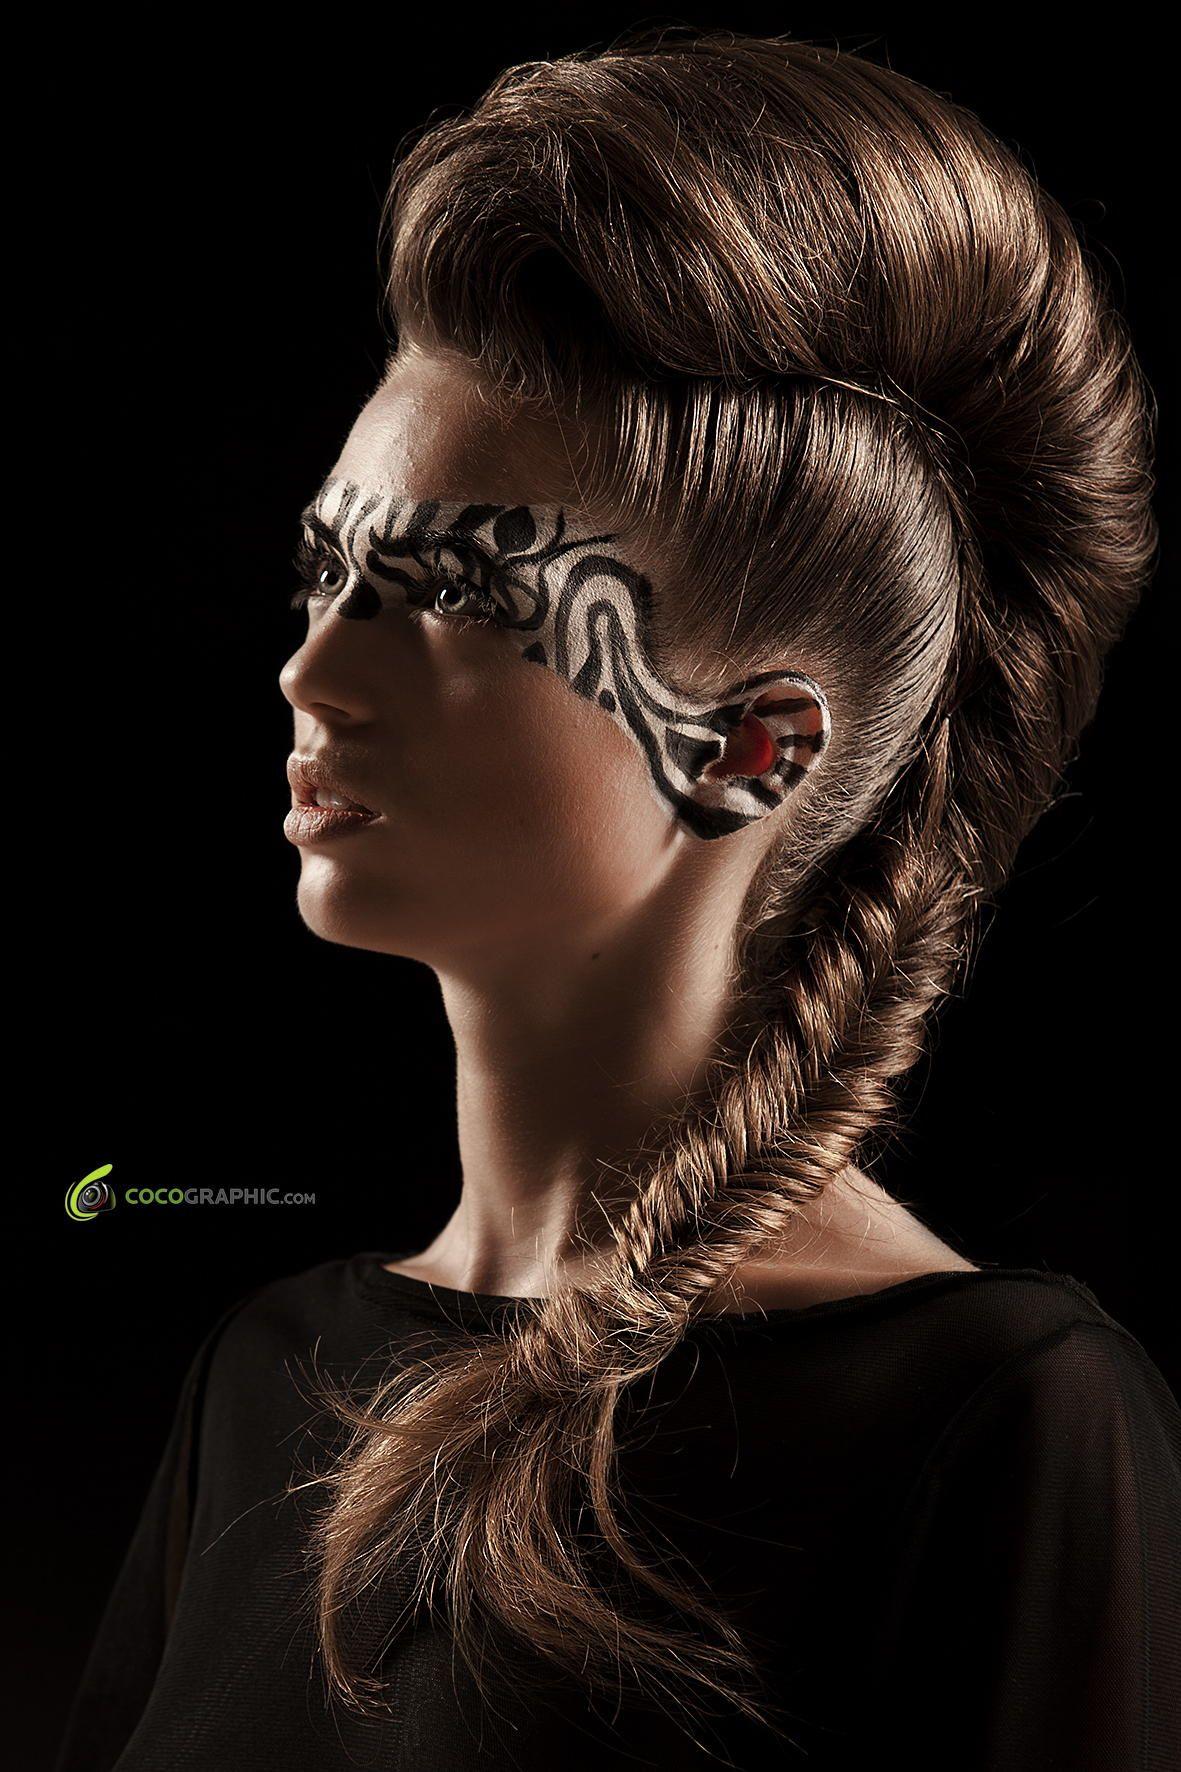 Zebra Make Up By Adi Coco 500px Artistic Hair Viking Hair High Fashion Hair